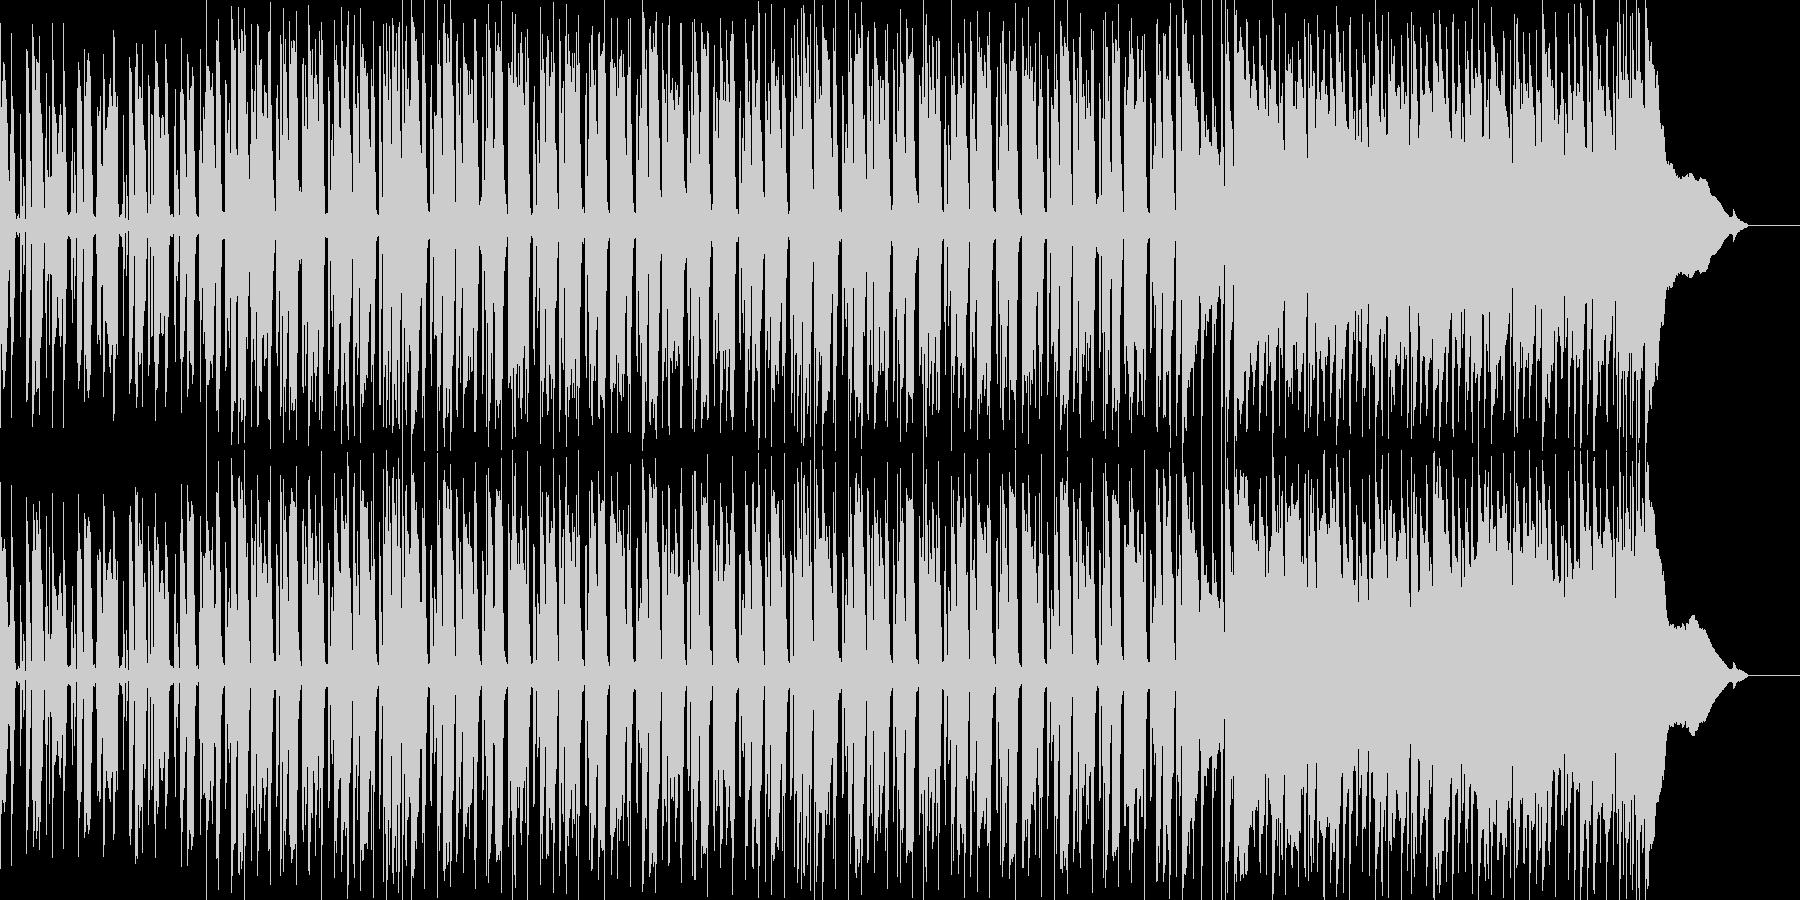 爽やかでほのぼのとしたギターポップスの未再生の波形